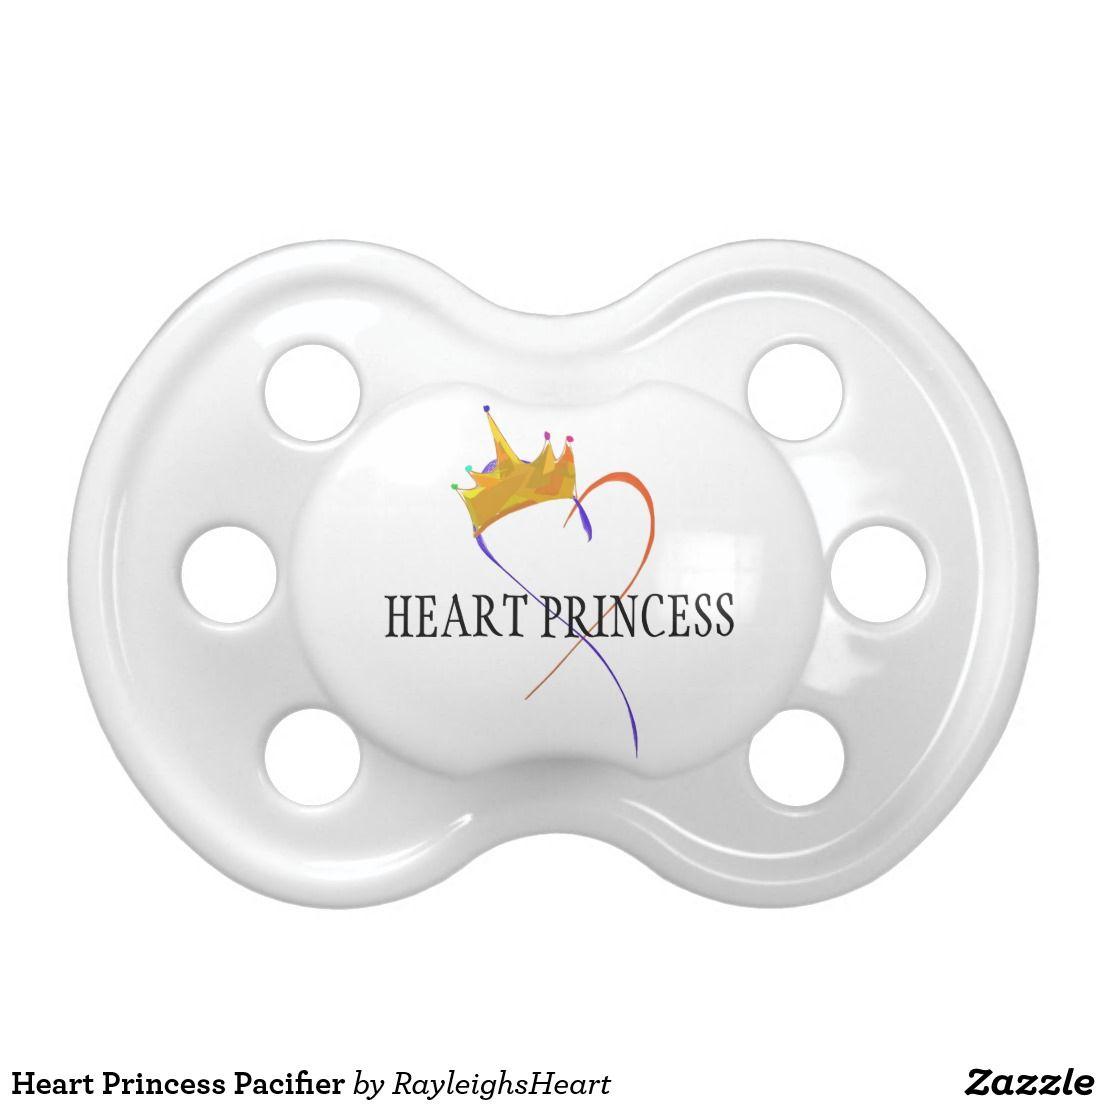 Heart Princess Pacifier